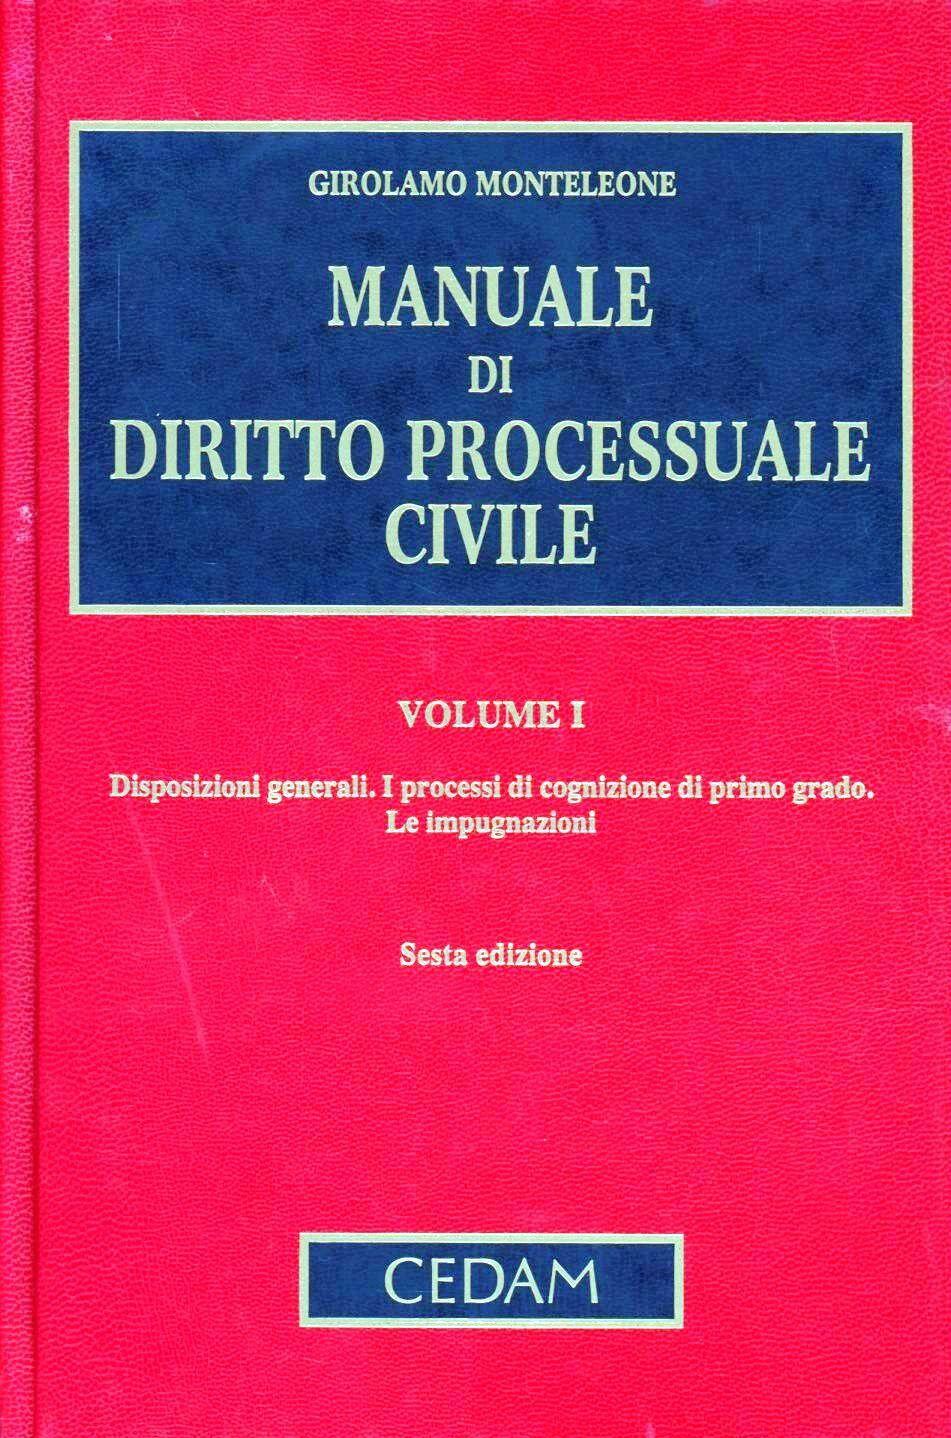 Manuale di diritto processuale civile. Vol. 1: Disposizioni generali. I processi di cognizione di primo grado. Le impugnazioni.